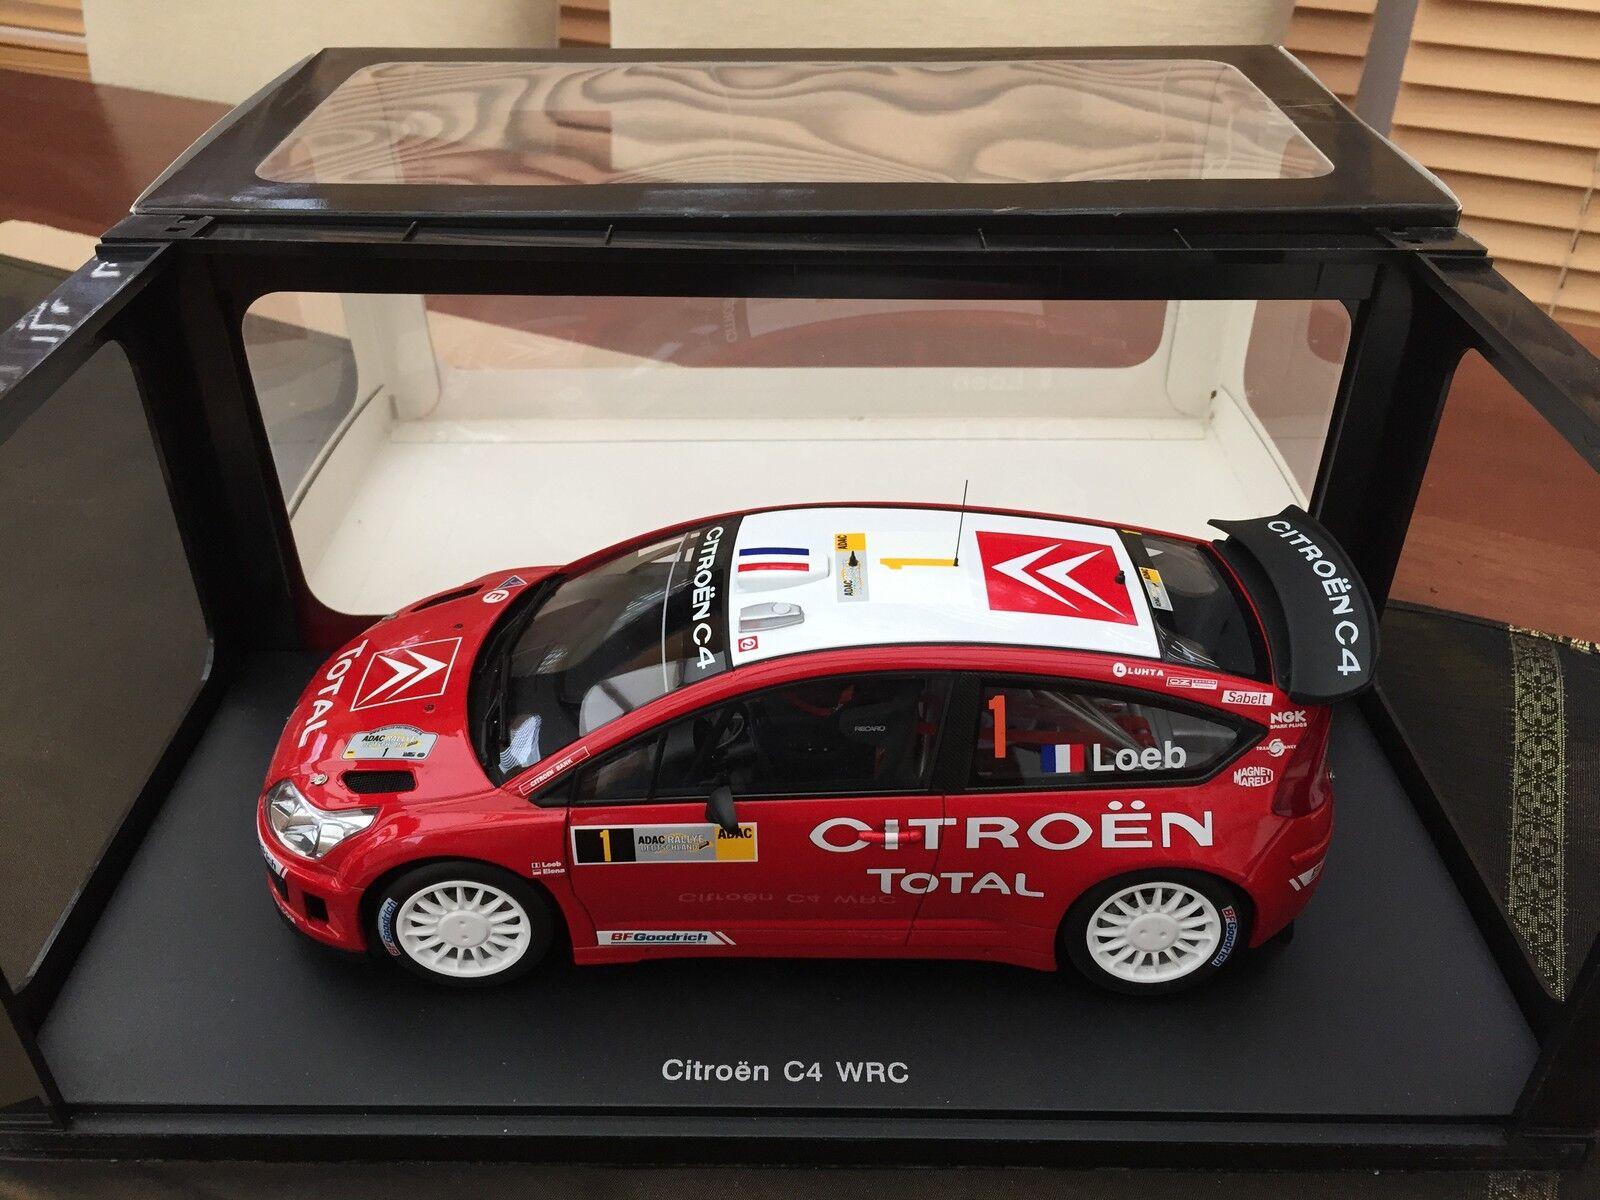 Autoart 1 18 CITROEN C4 WRC 2007 S. LOEB D, ELENA RALLY DEUTSCHLAND vincere MOLTO RARA